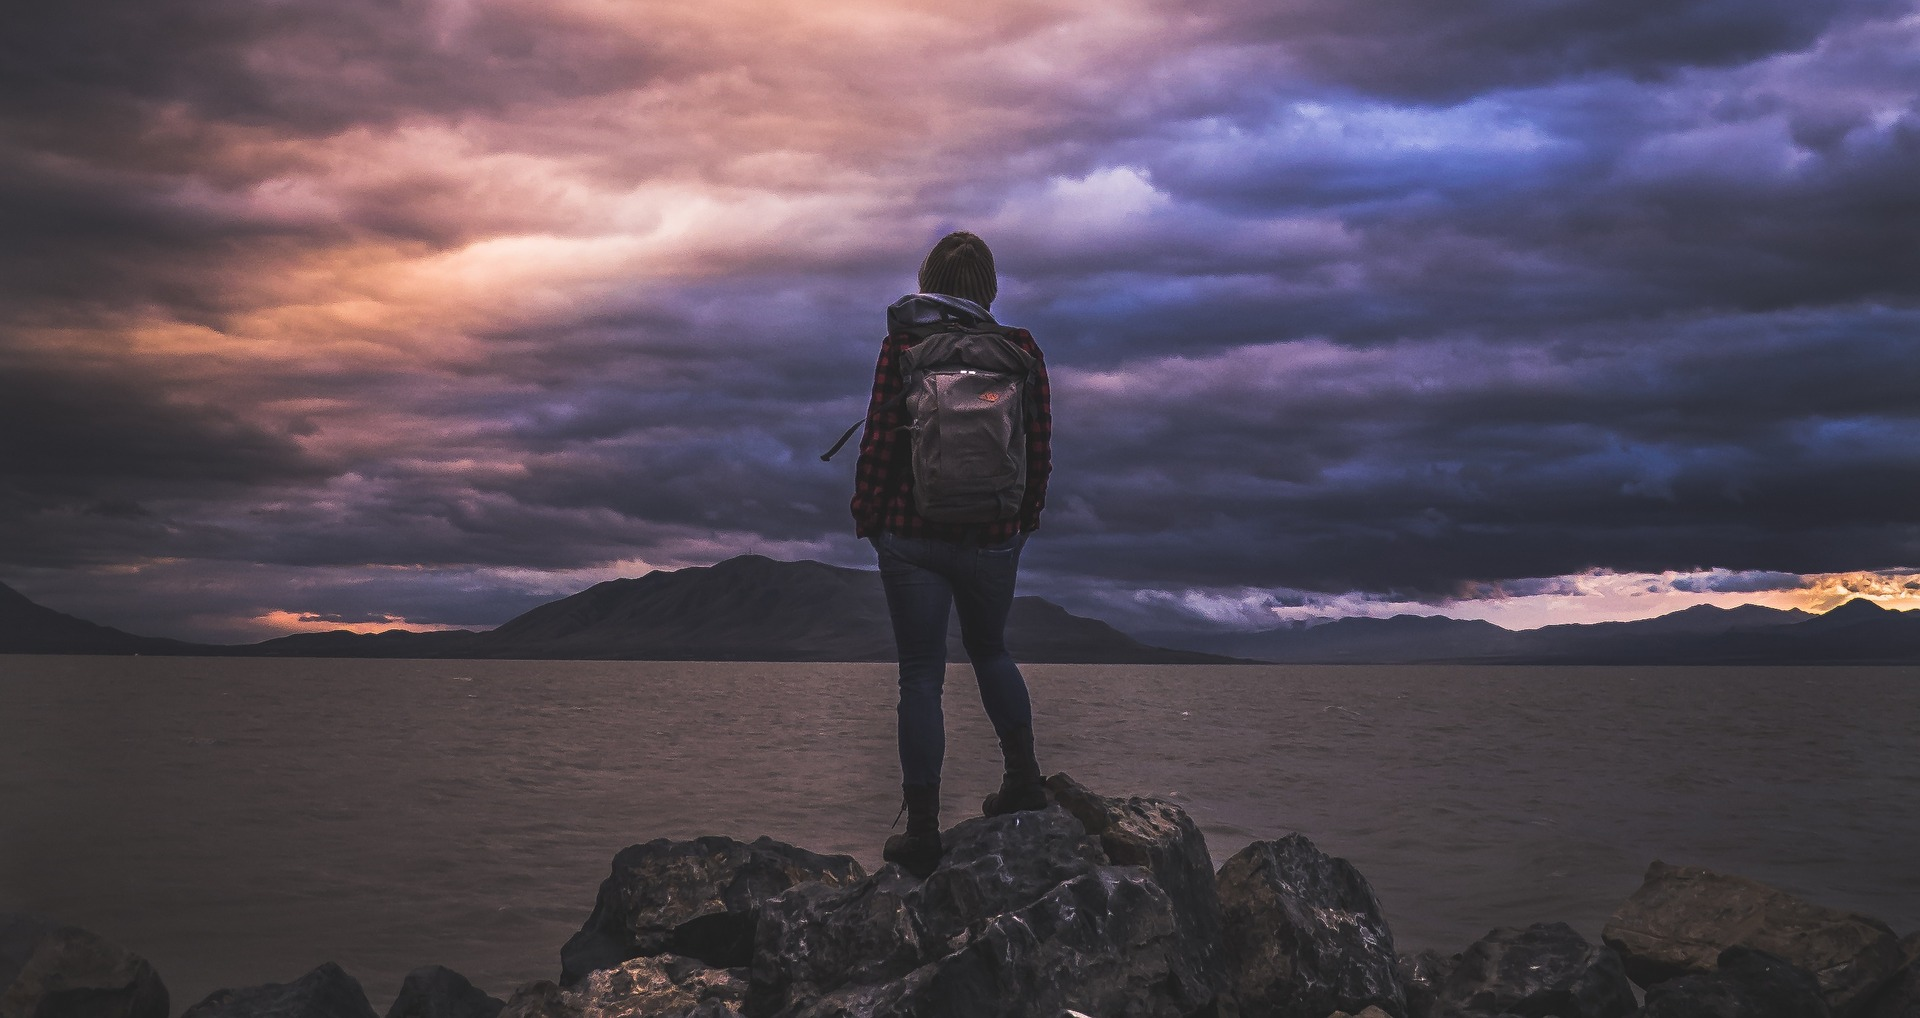 dei viaggiatori, escursionista, escursionismo, libertà, Zaino, nuvole, montagne, Viola - Sfondi HD - Professor-falken.com